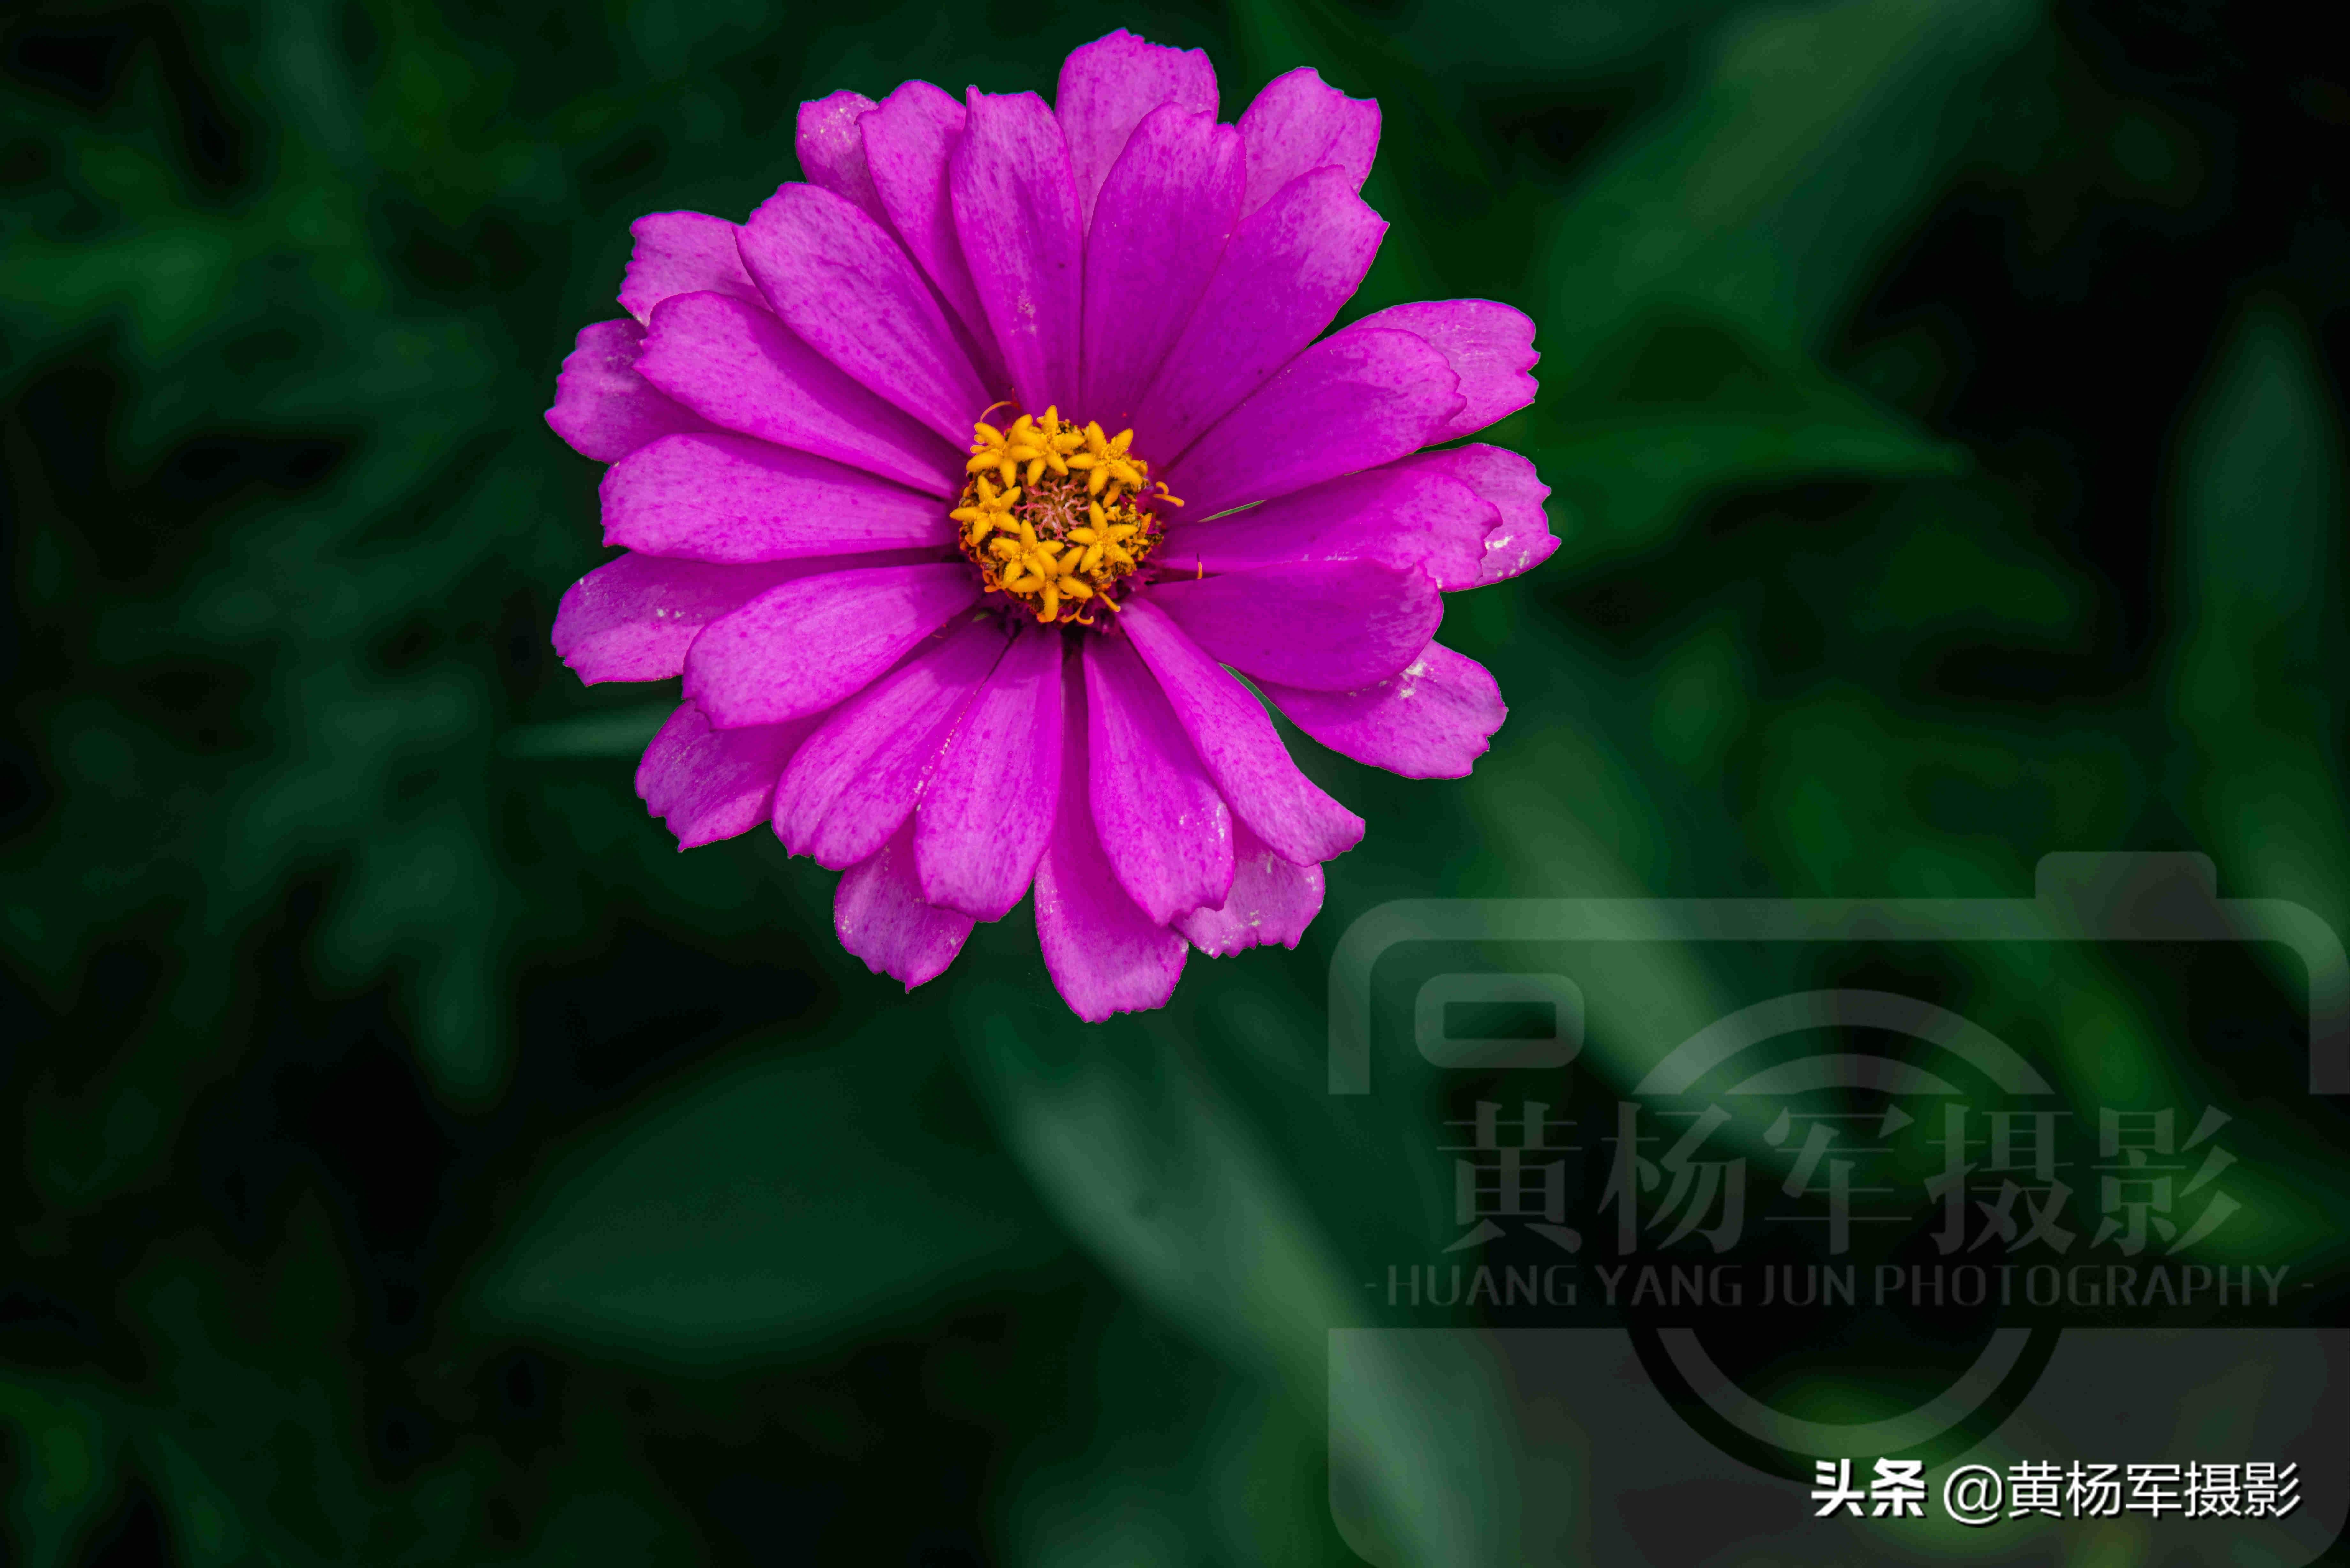 盛开的菊花像什么-盛开的菊花的描写